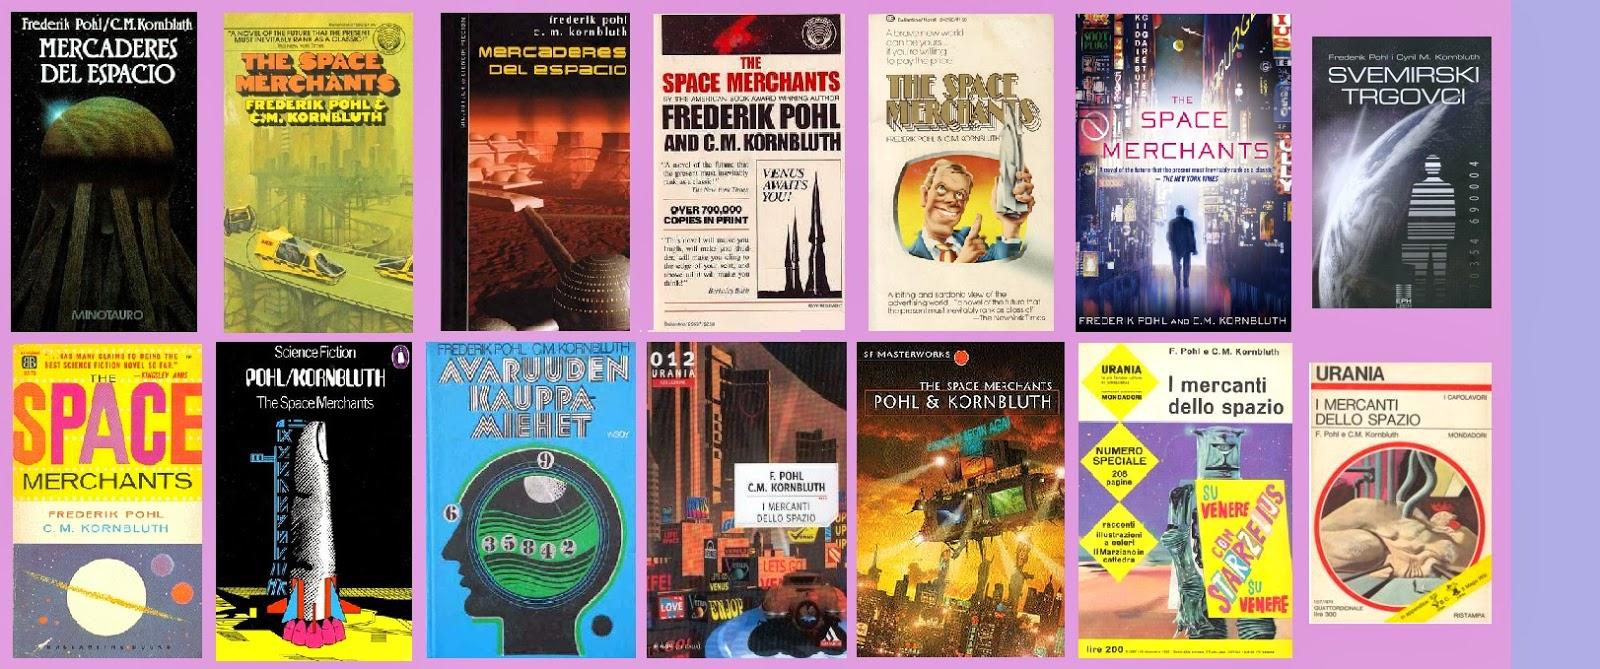 Portadas de la novela distópica de ciencia ficción Mercaderes del espacio, de Frederik Pohl/ C.M. Kombirth